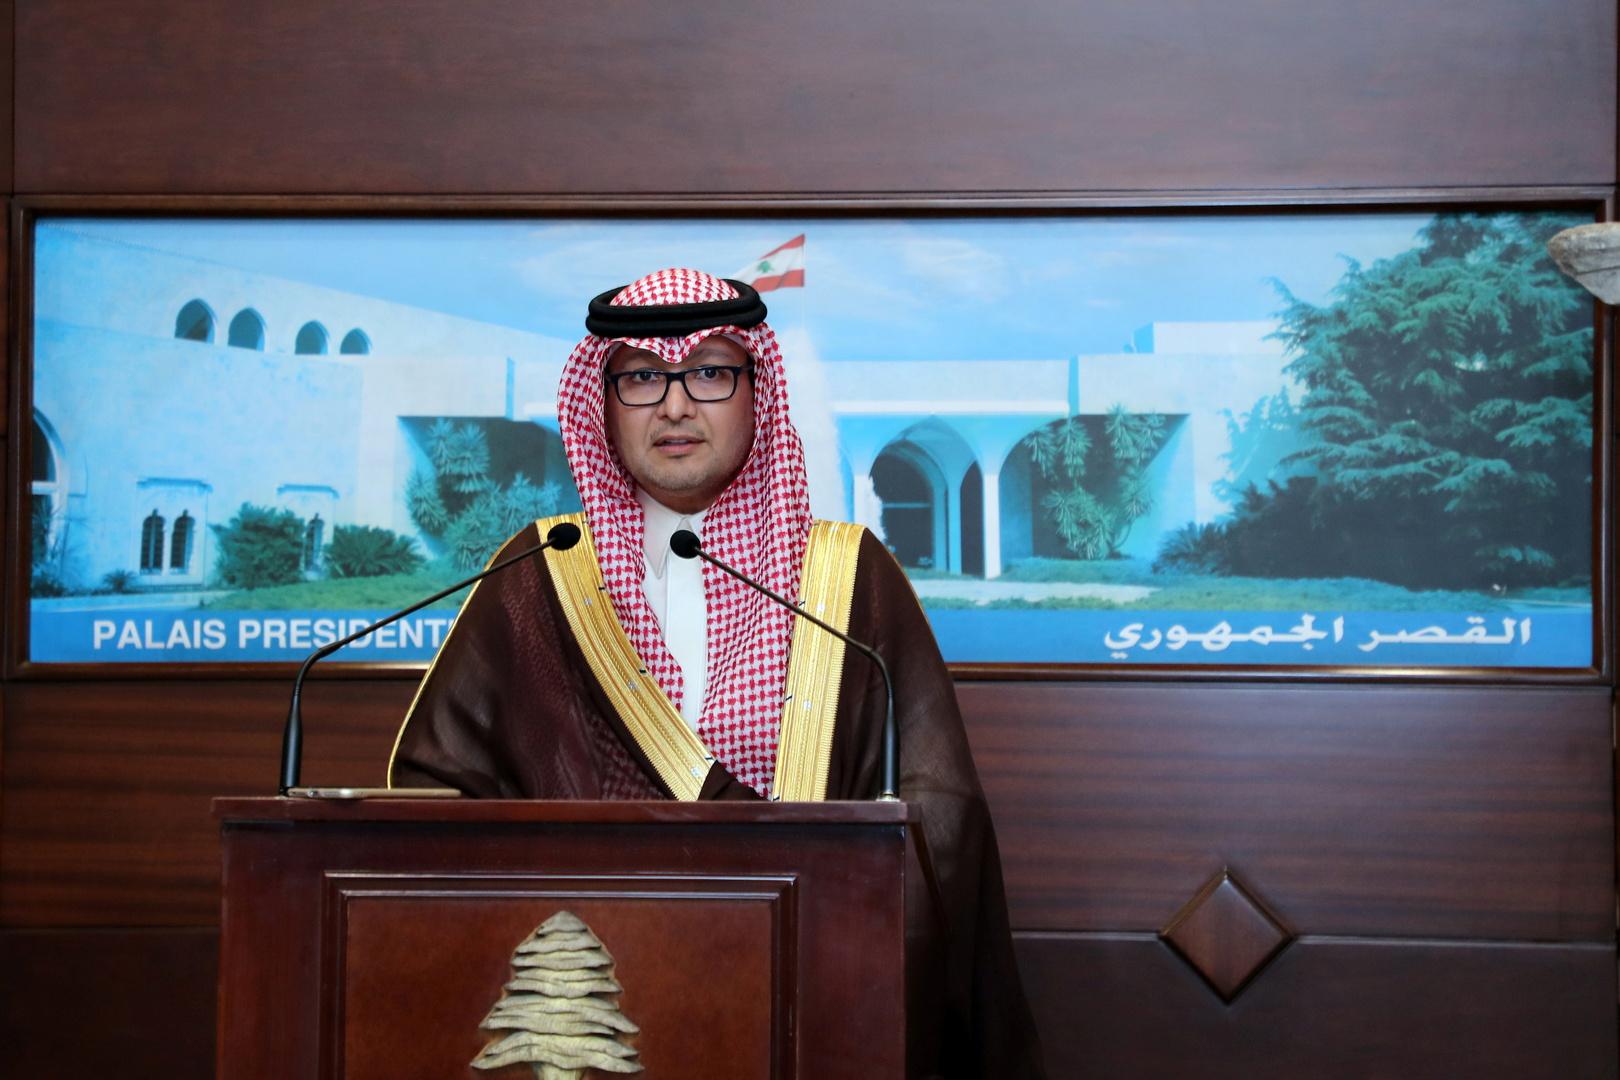 وسائل إعلام لبنانية: السفير السعودي وليد بخاري يغادر بشكل عاجل إلى الرياض للتشاور